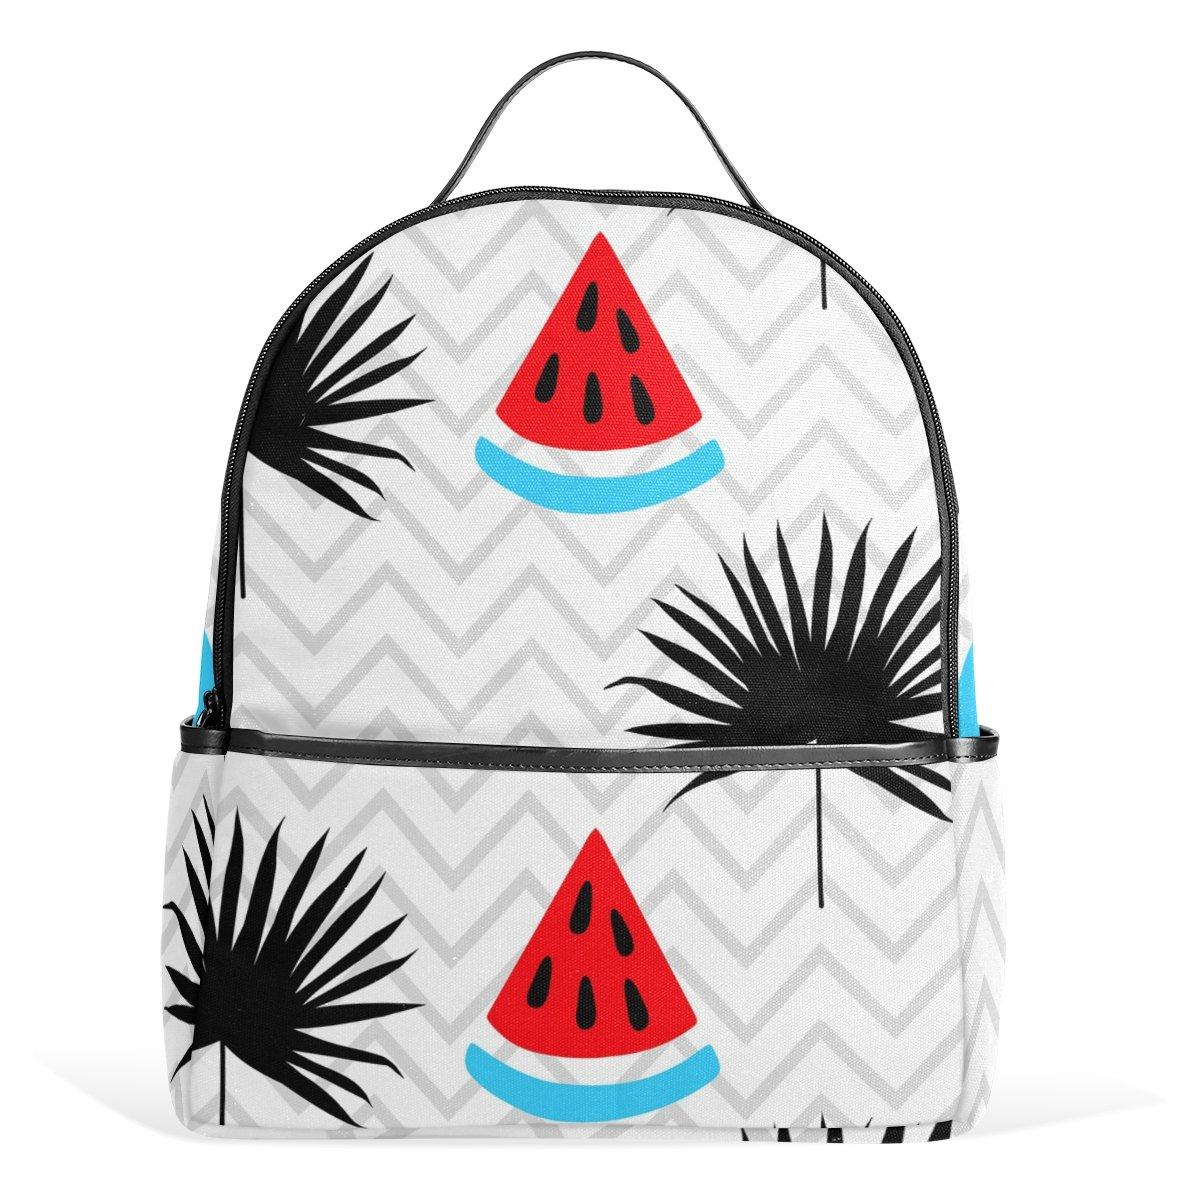 deyya TropicalスイカハワイエキゾチックKidsスクールバックパックforボーイズGirls Bookbag B073WVRBVL マルチカラー1